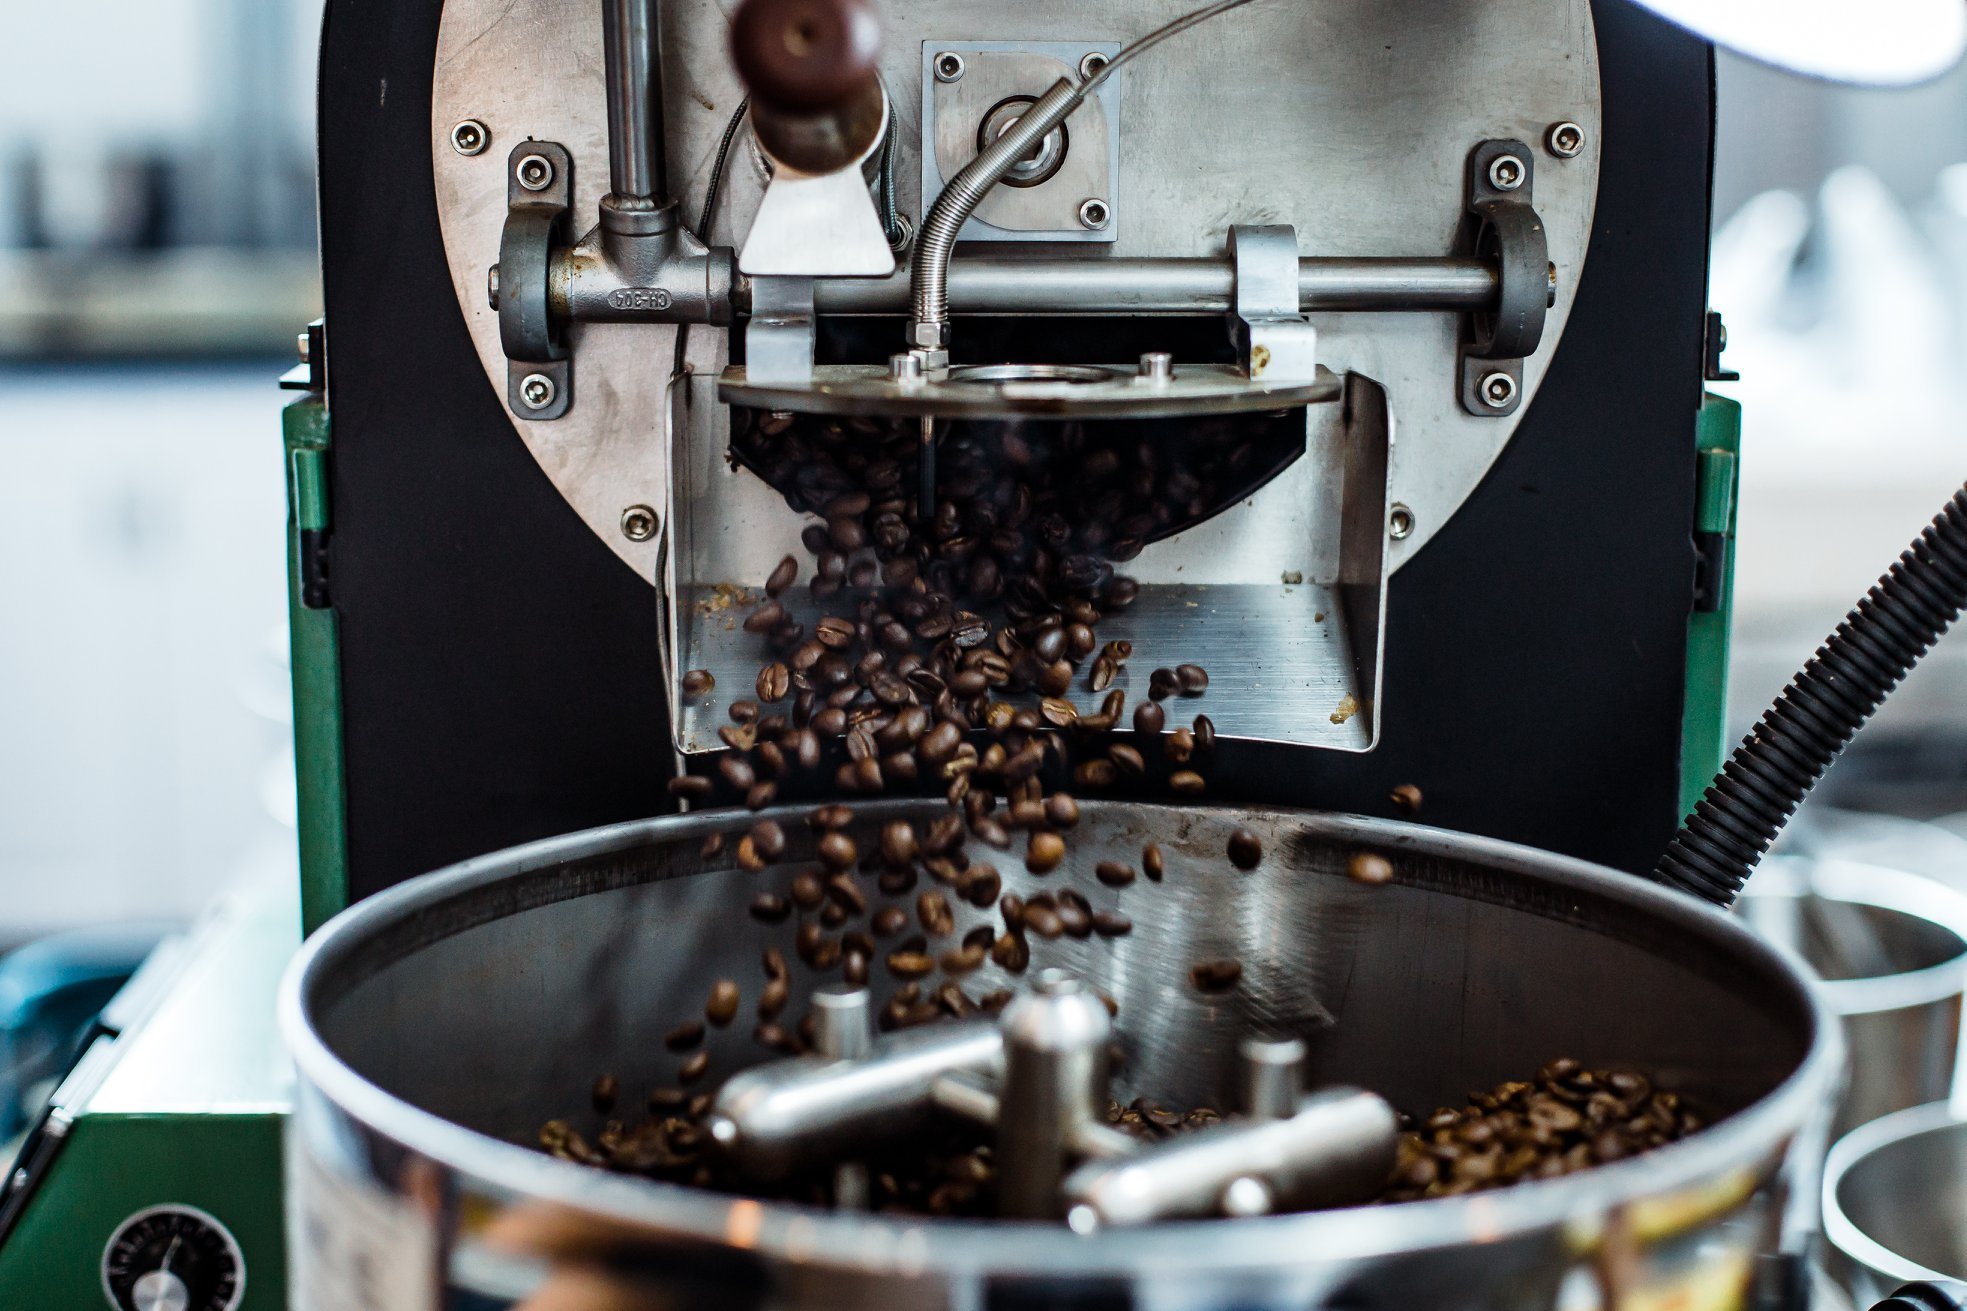 【咖啡小常識】咖啡出油就代表不新鮮嗎?其實不盡然!